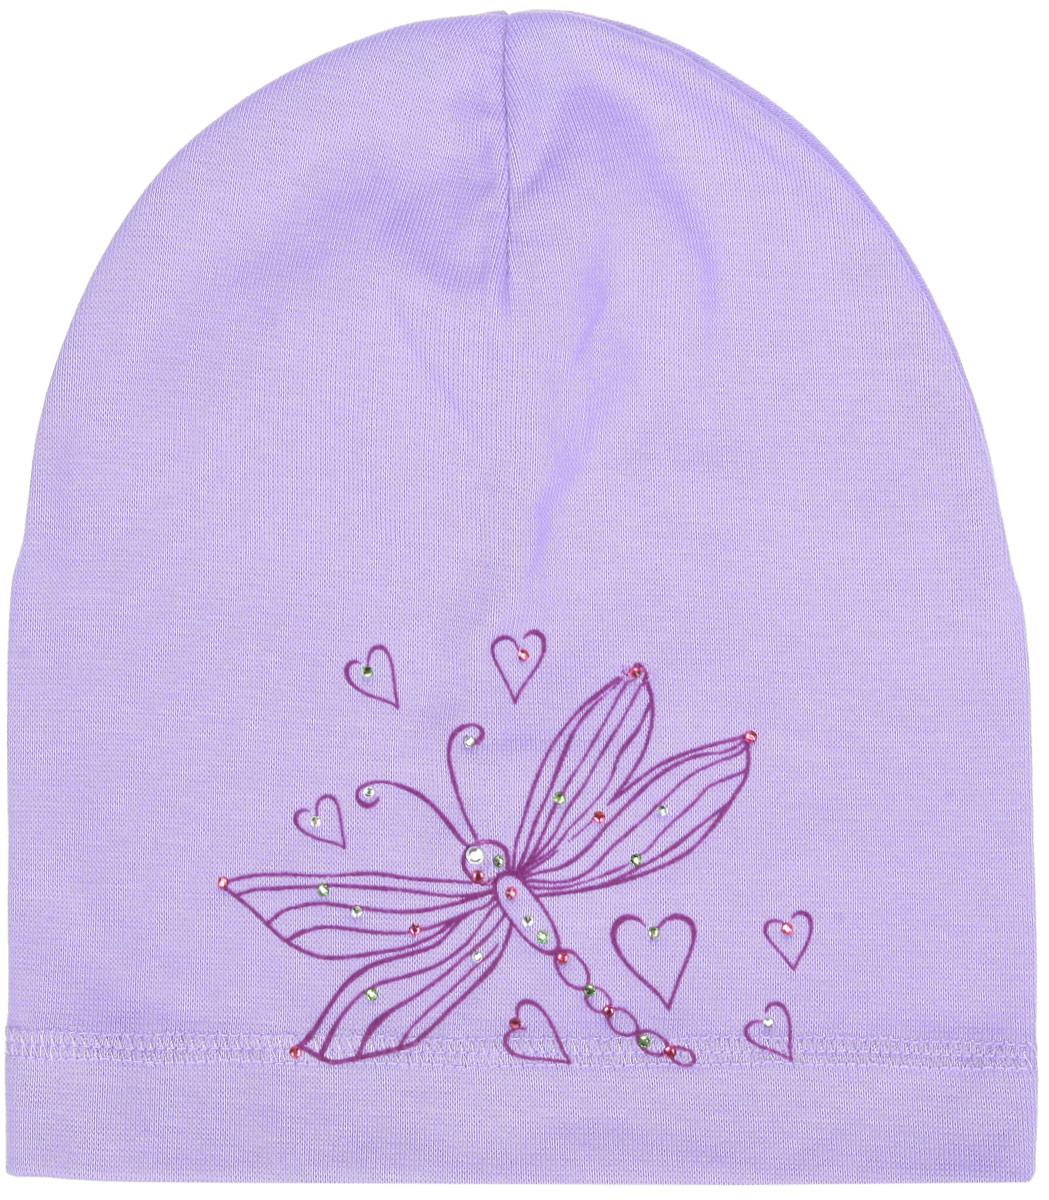 Шапка для девочки. DC4745-22DC4745-22_1Шапка для девочки Fishka станет стильным дополнением к детскому гардеробу. Она выполнена из хлопка с добавлением лайкры, приятная на ощупь, идеально прилегает к голове. Изделие декорировано стразами, а также термоаппликацией в виде стрекозы и сердечек. Современный дизайн и расцветка делают эту шапку модным детским аксессуаром. В такой шапке ребенок будет чувствовать себя уютно, комфортно и всегда будет в центре внимания!